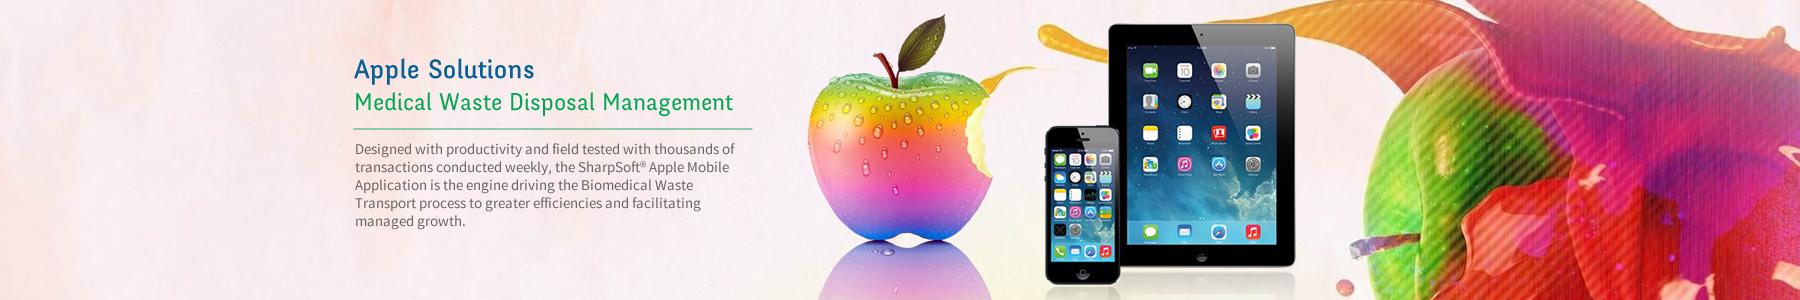 Apple Medical Waste Software Application